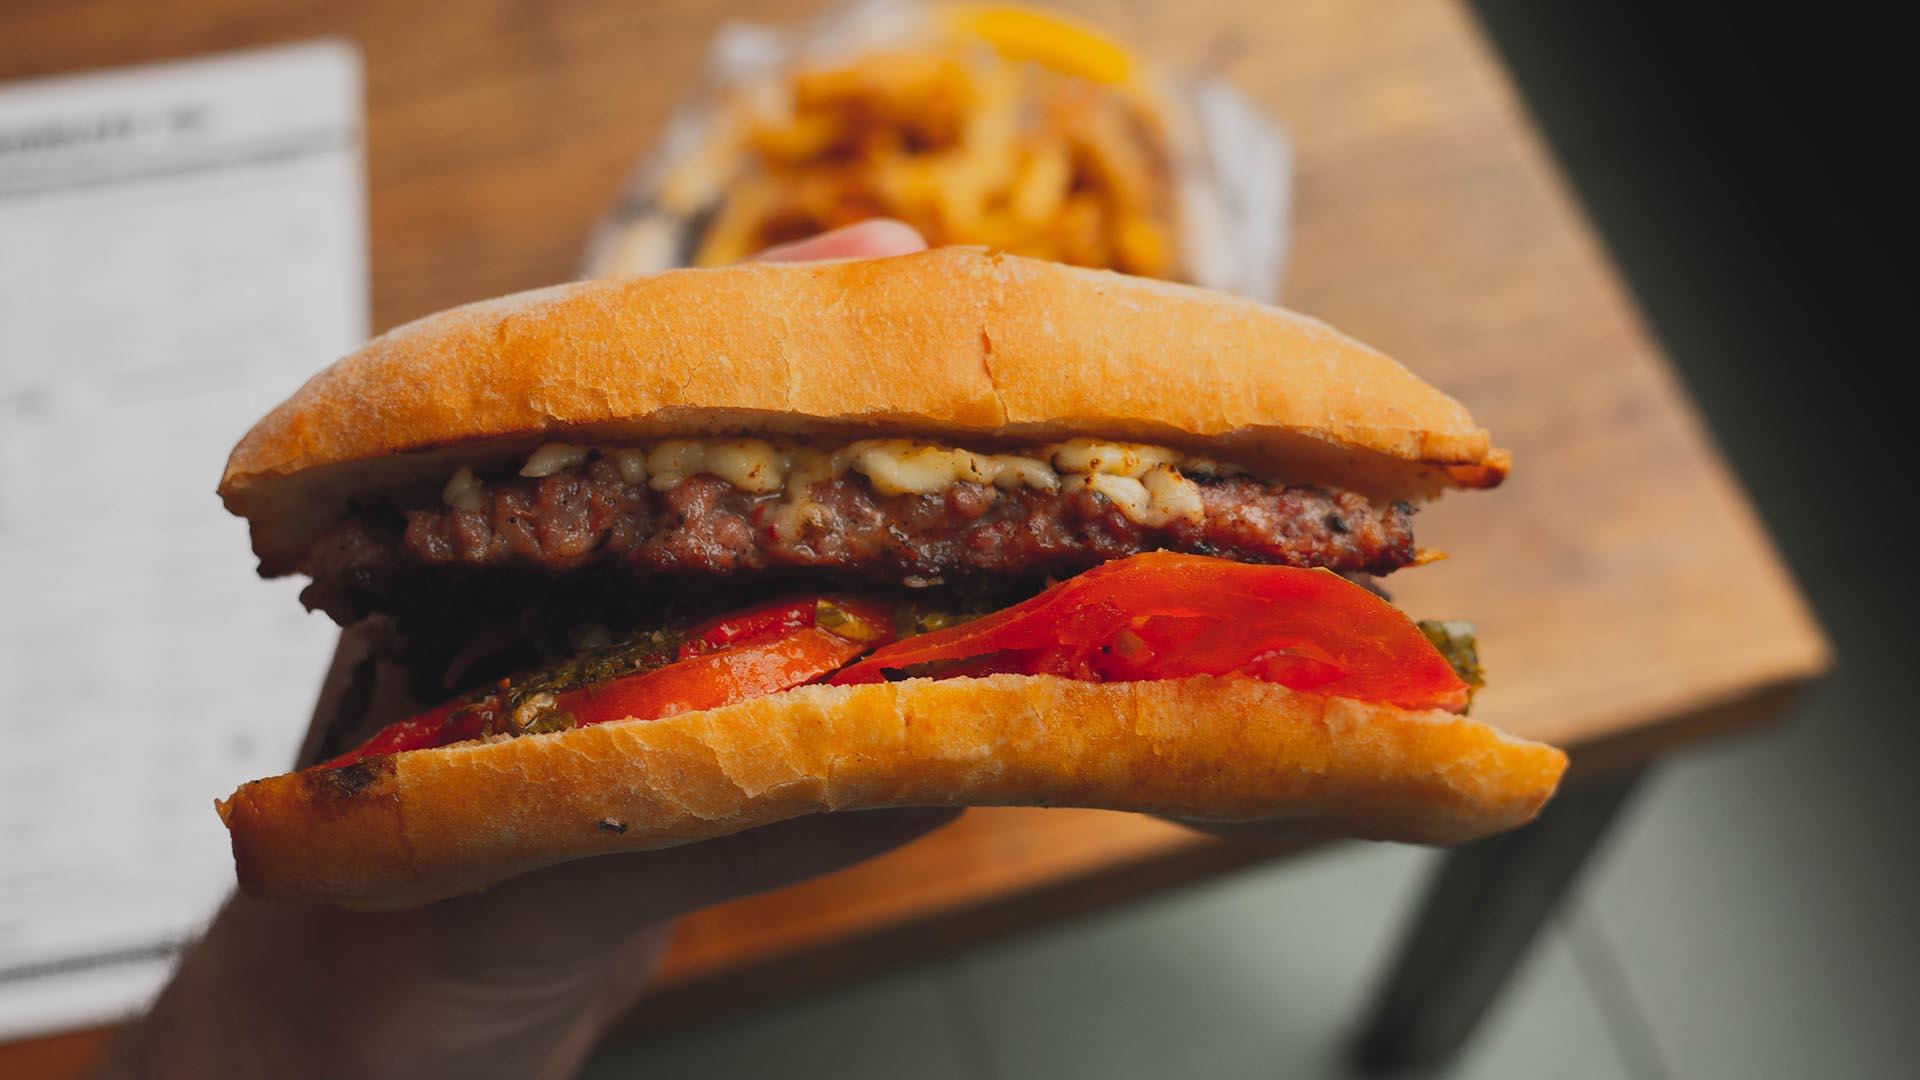 El choripán de puro cerdo con doble provoleta grillada, tomate con orégano, pimientos ahumados y salsa criolla